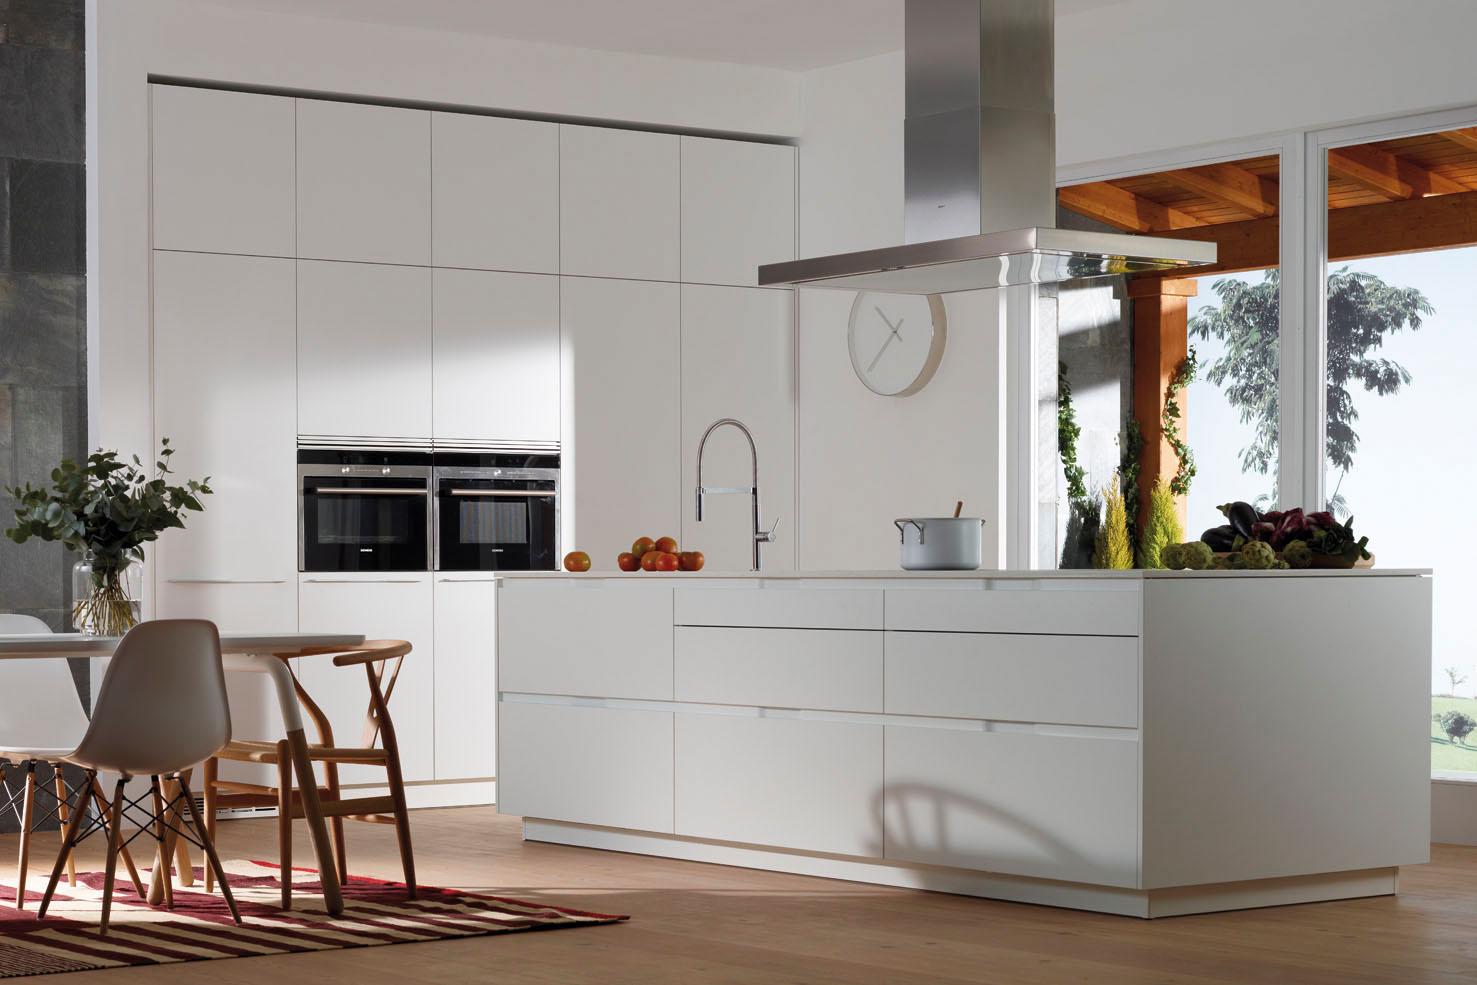 14 cocinas con isla para inspirarte fotos consejos y medidas - Campanas de cocina decorativas ...